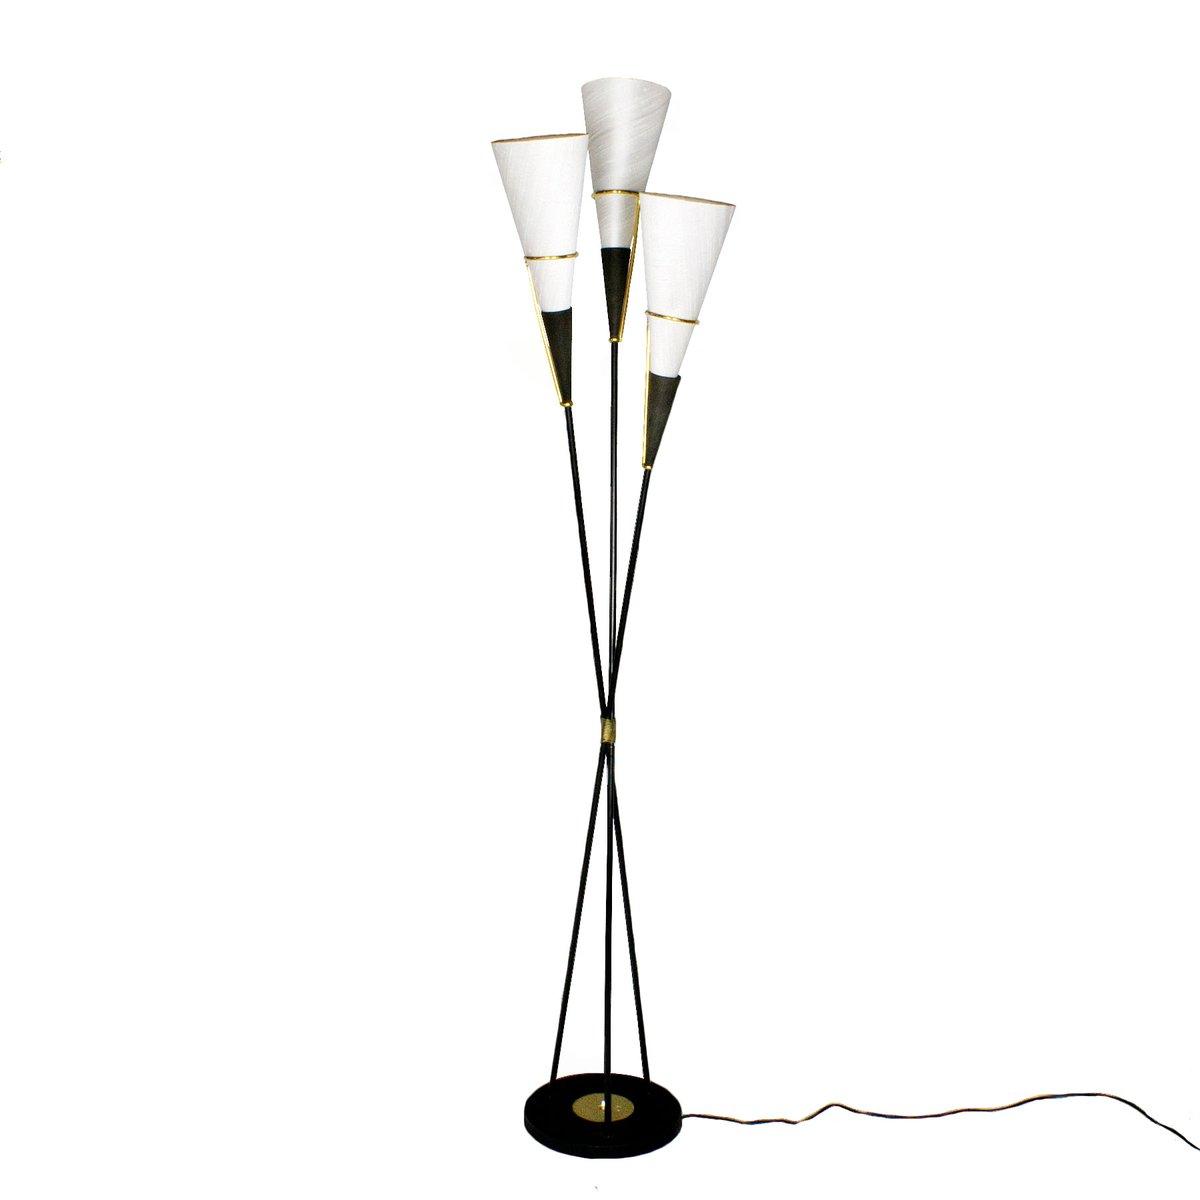 Dreibein Stehlampe, 1950er